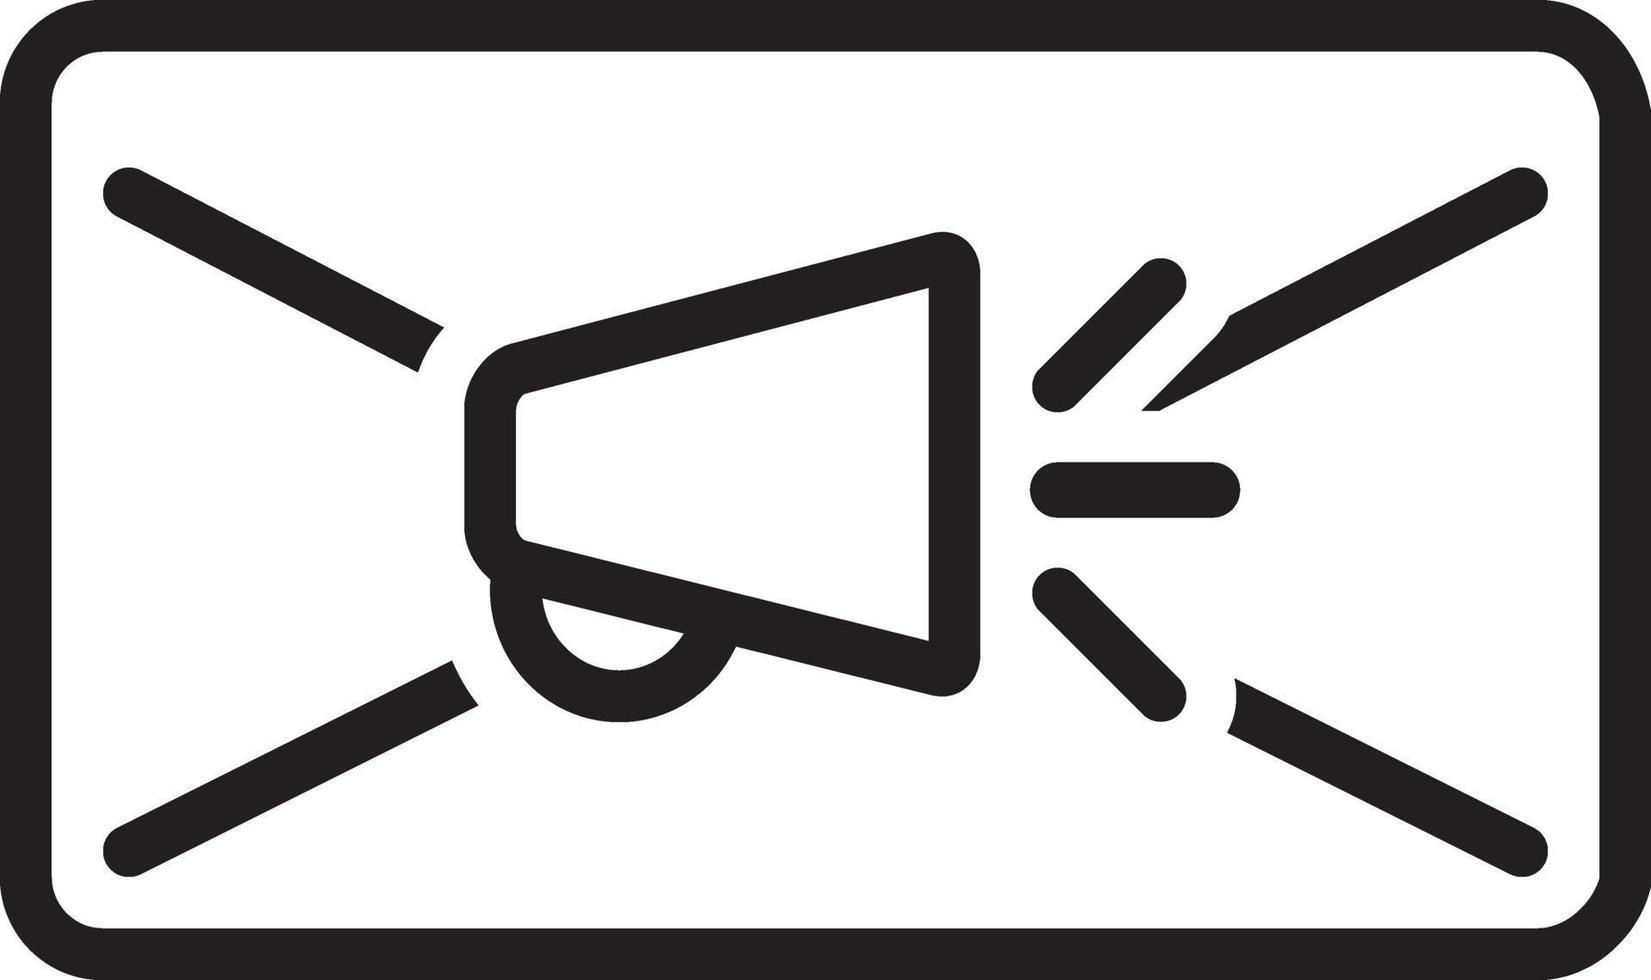 Zeilensymbol für E-Mail vektor